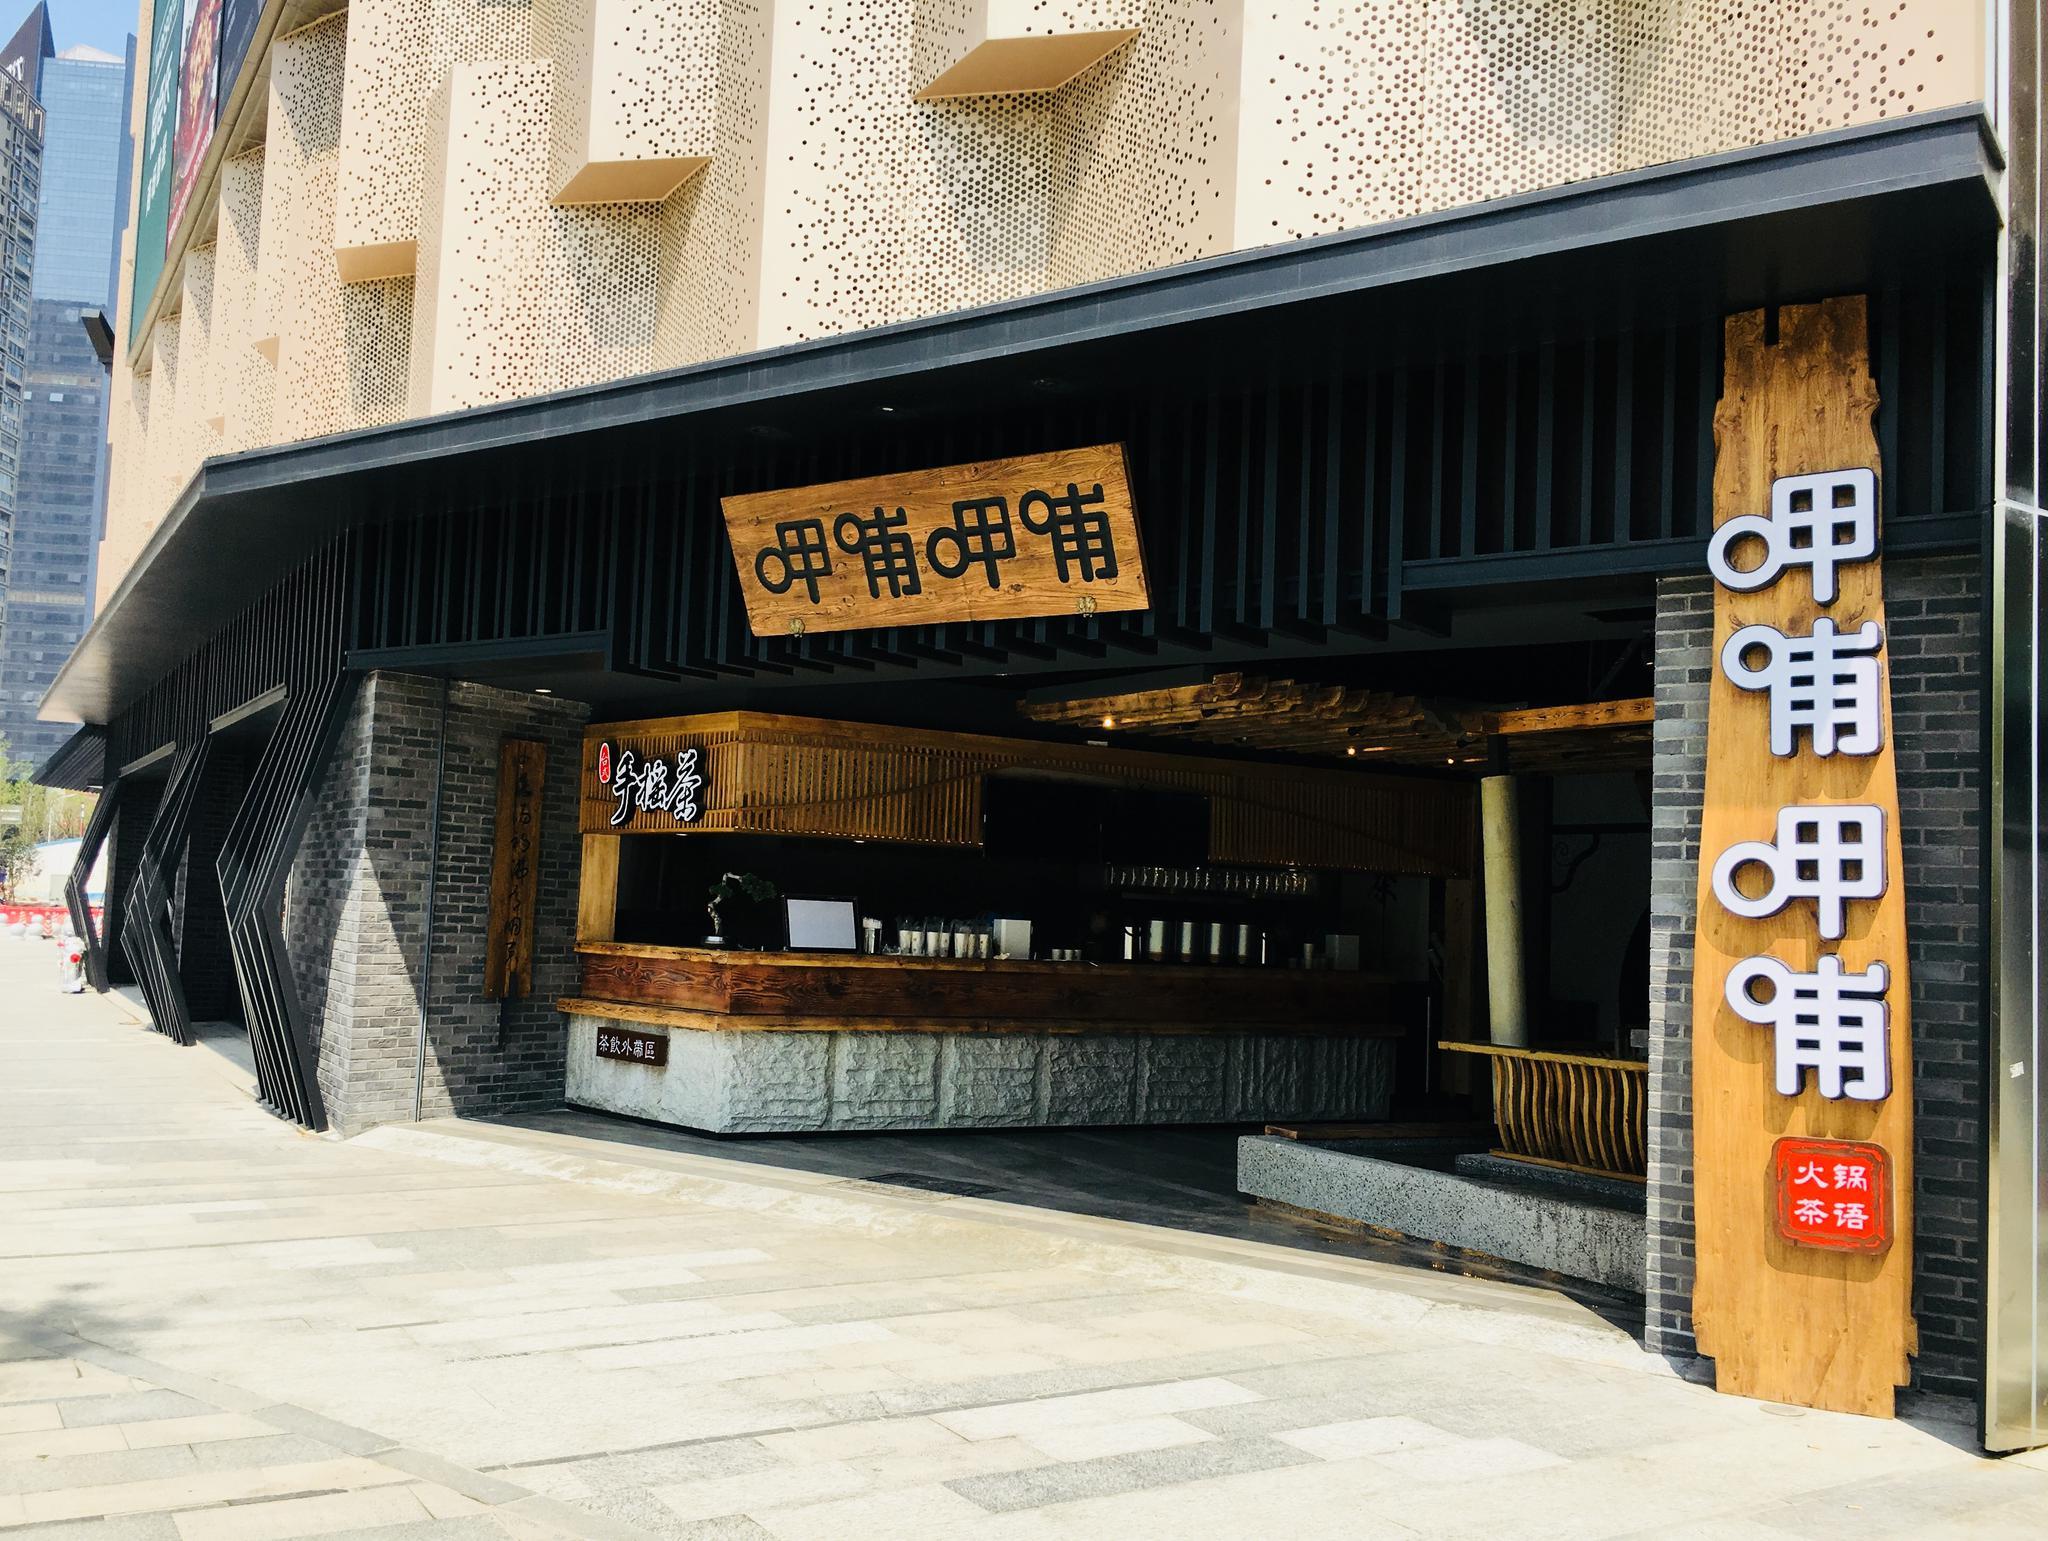 九毛九预计将于12月中上旬正式登陆港交所-餐打听